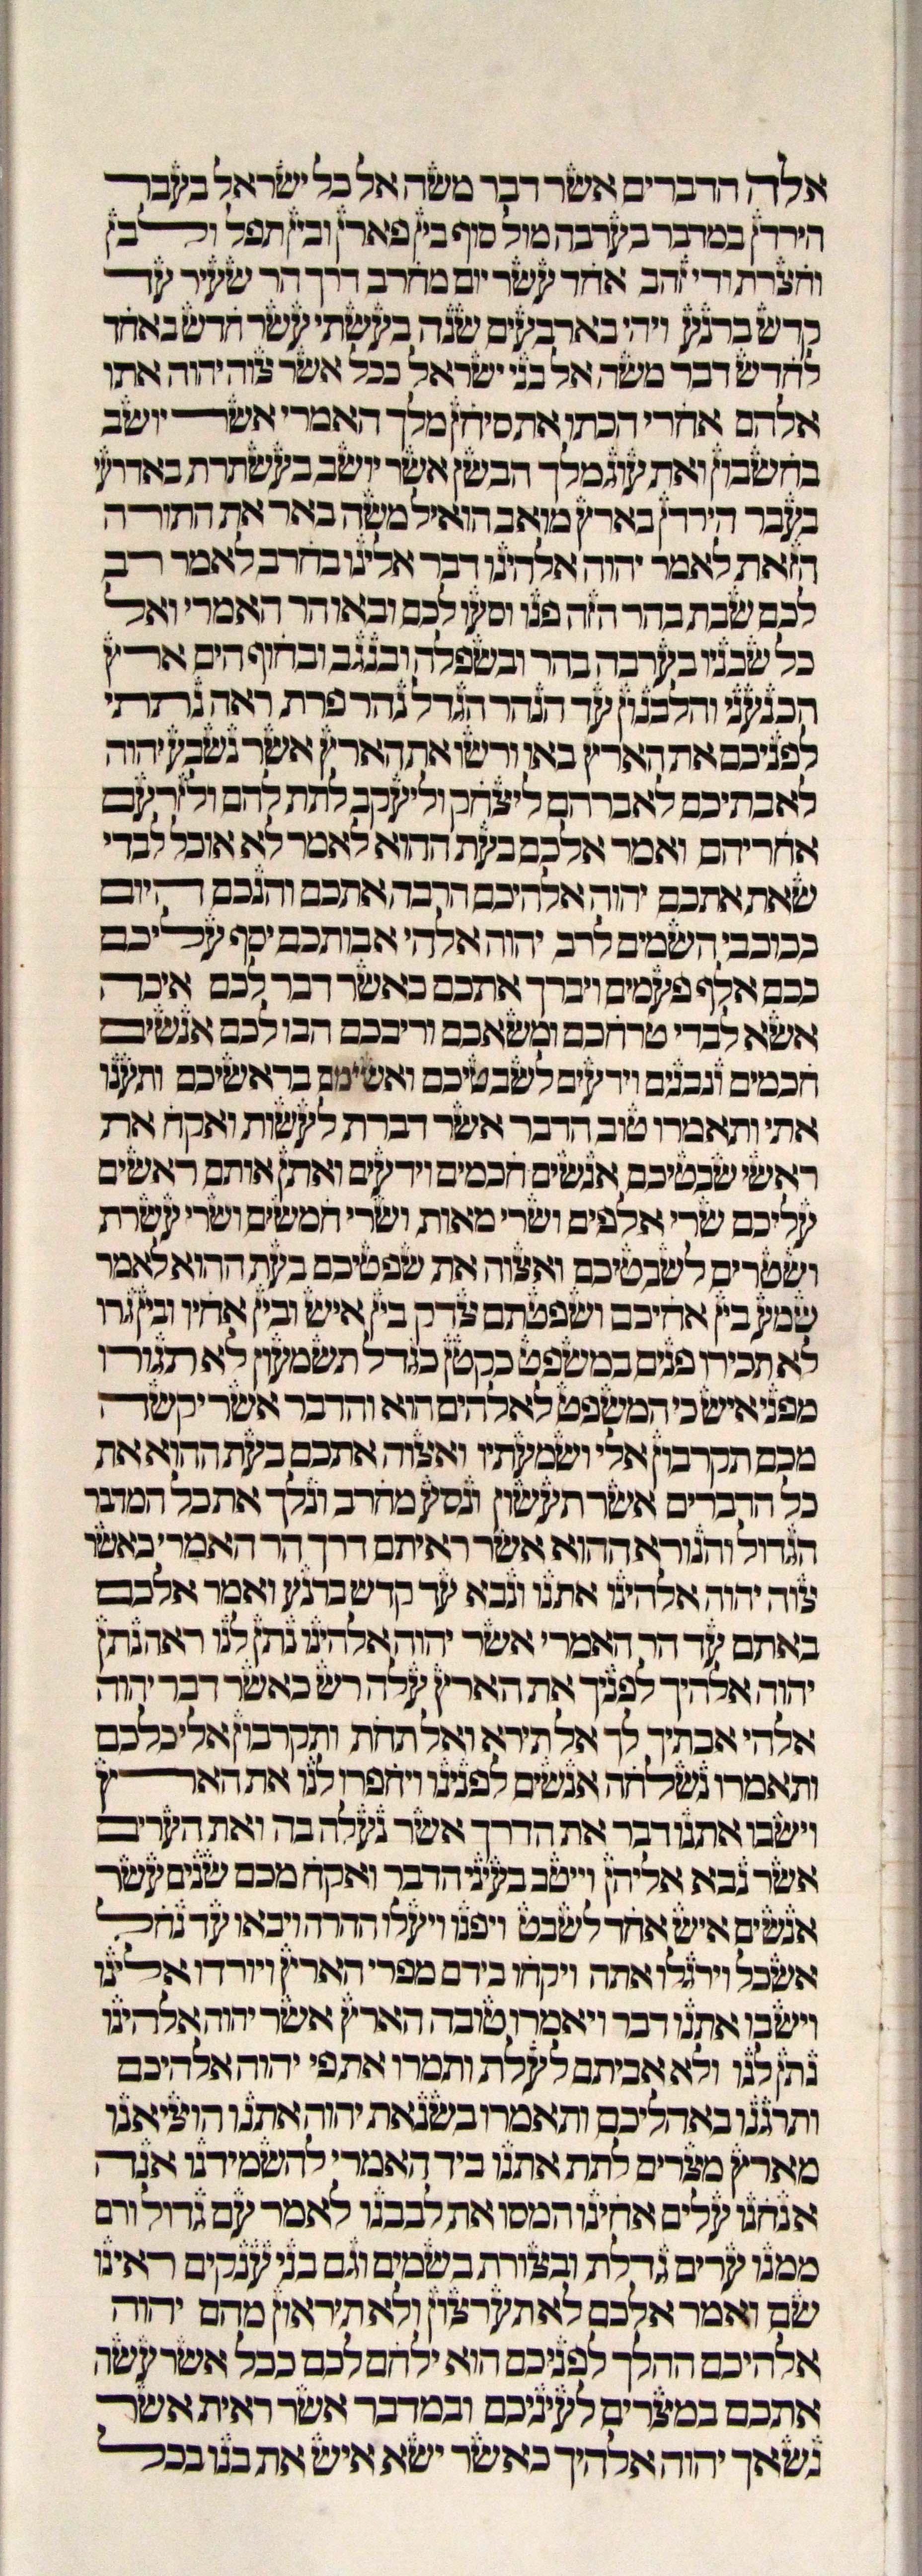 s43c1-Deuteronomy_1-1_to_1-31b